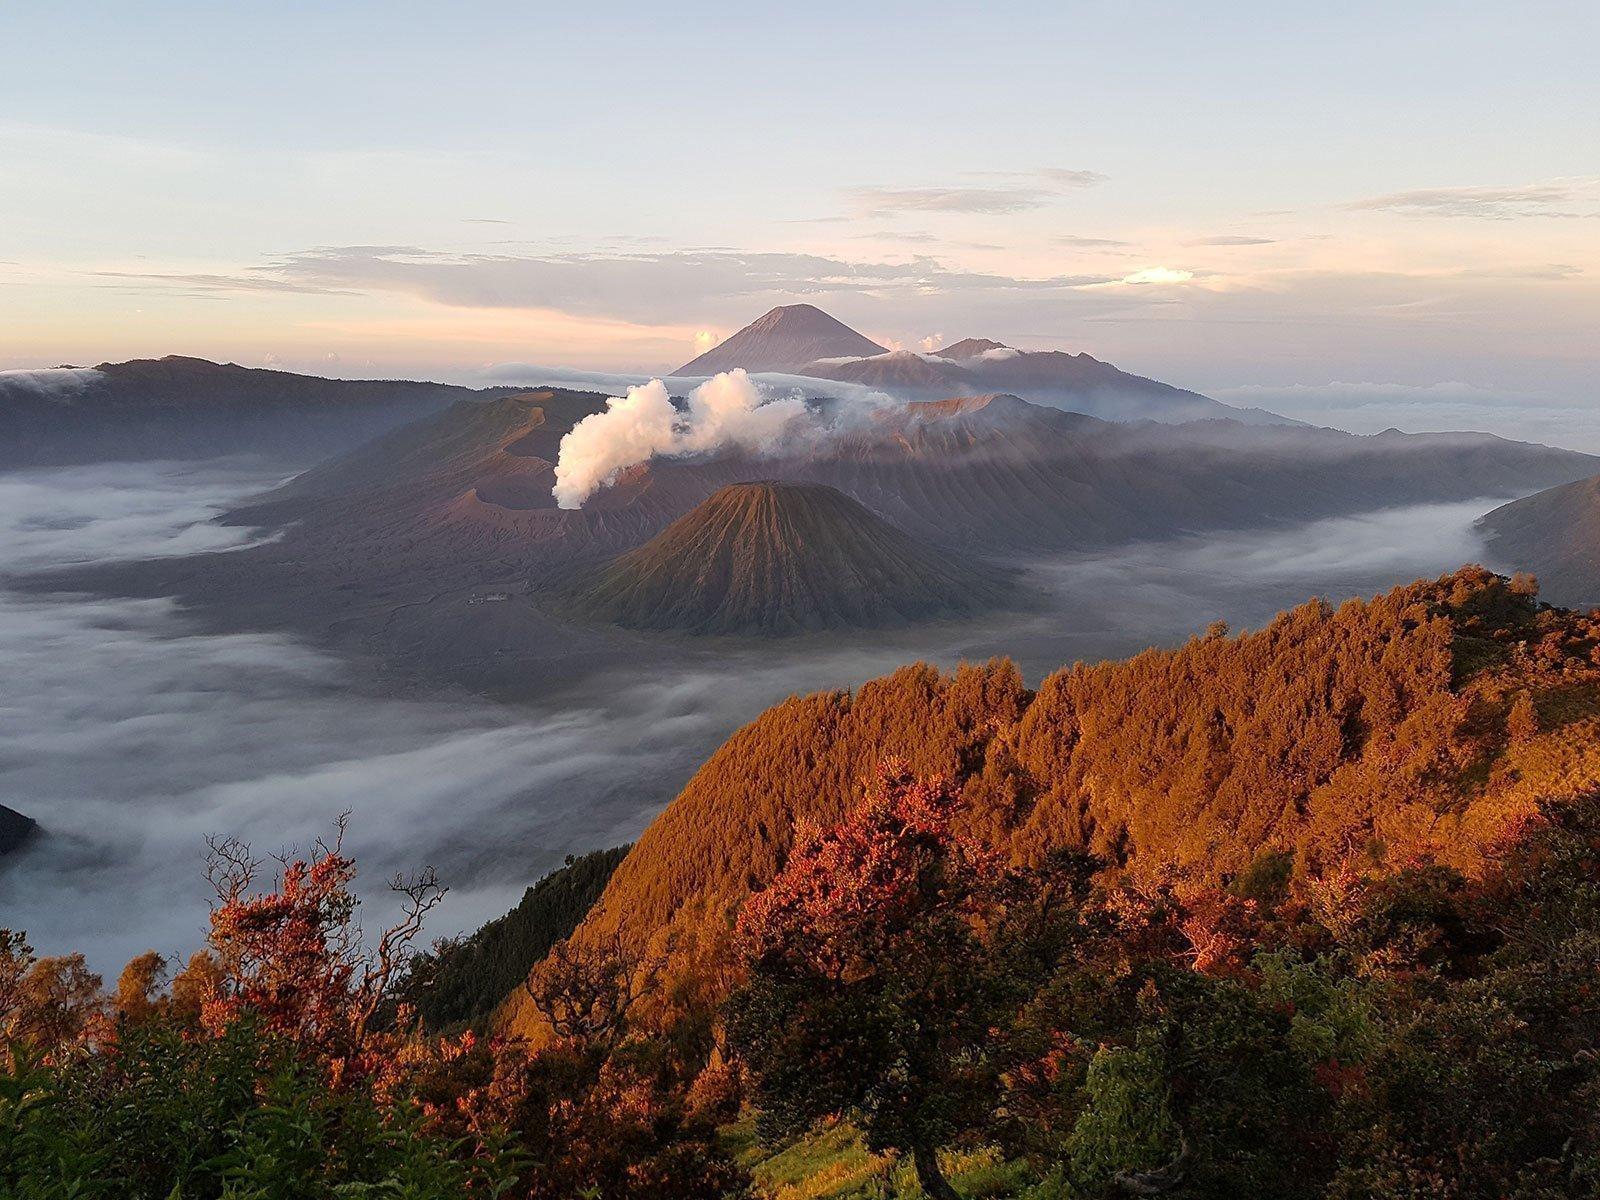 reisspecialist djordy smits favoriete foto bromo vulkaan java